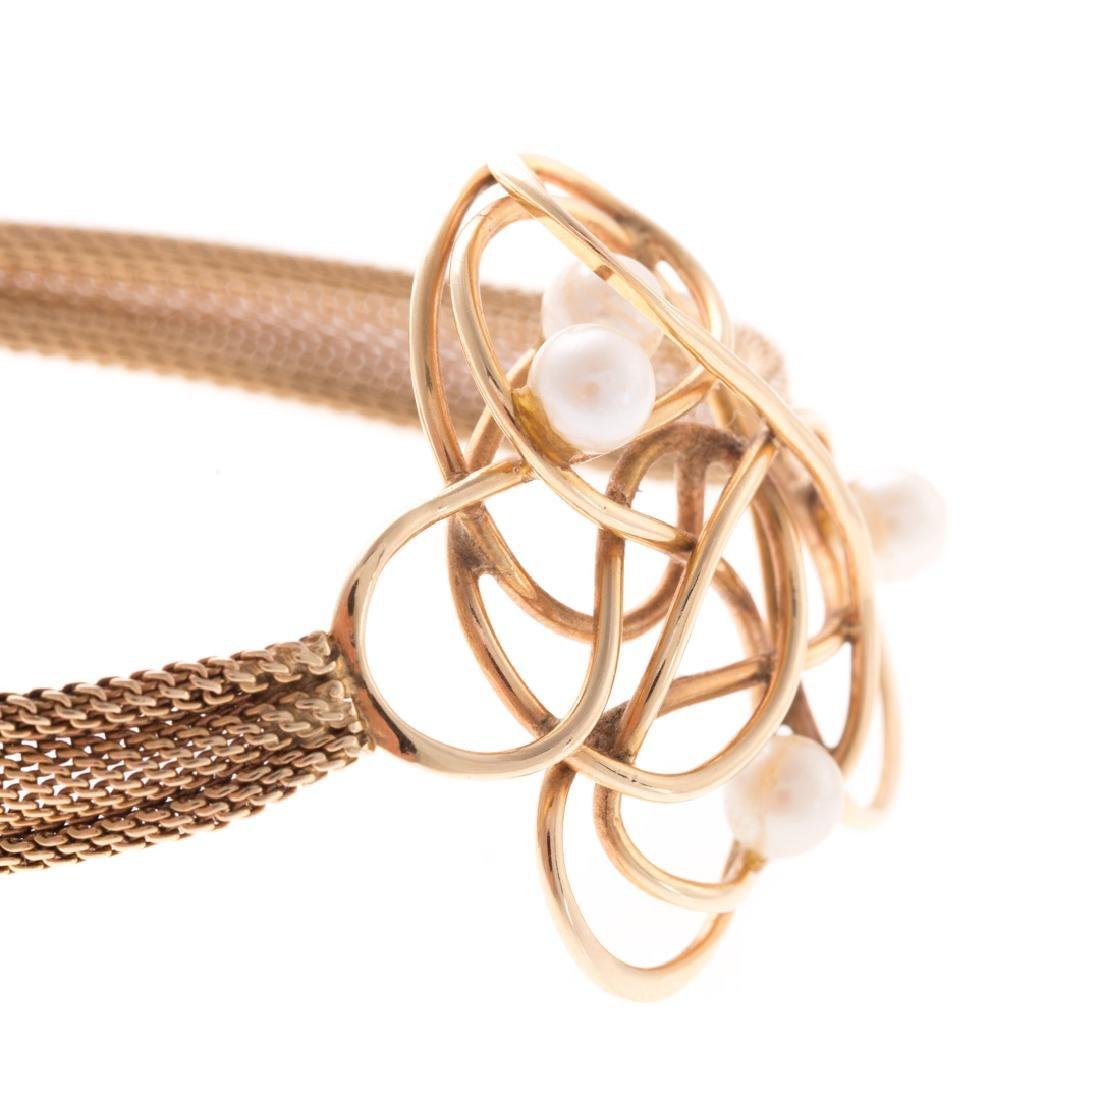 A Whimsical 14K & Pearl Bracelet - 3